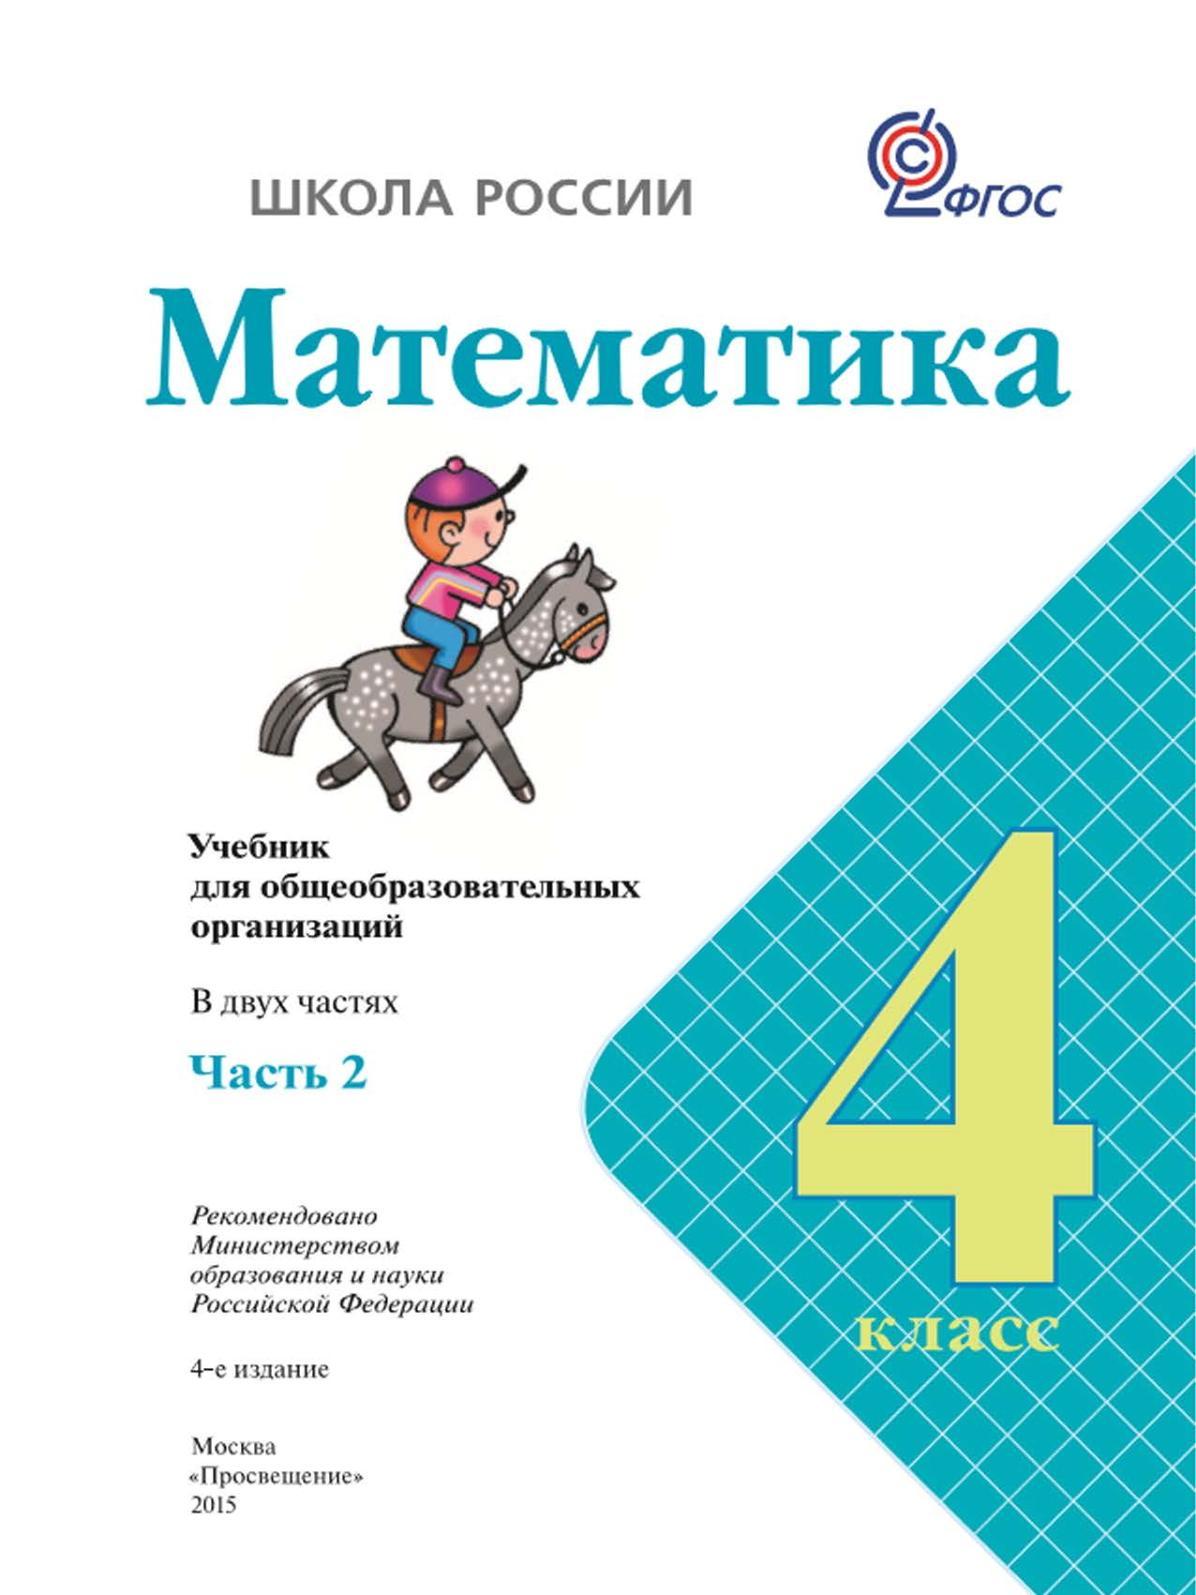 4 Классрешебник По Математике О.а.зазаровой 2 Часть